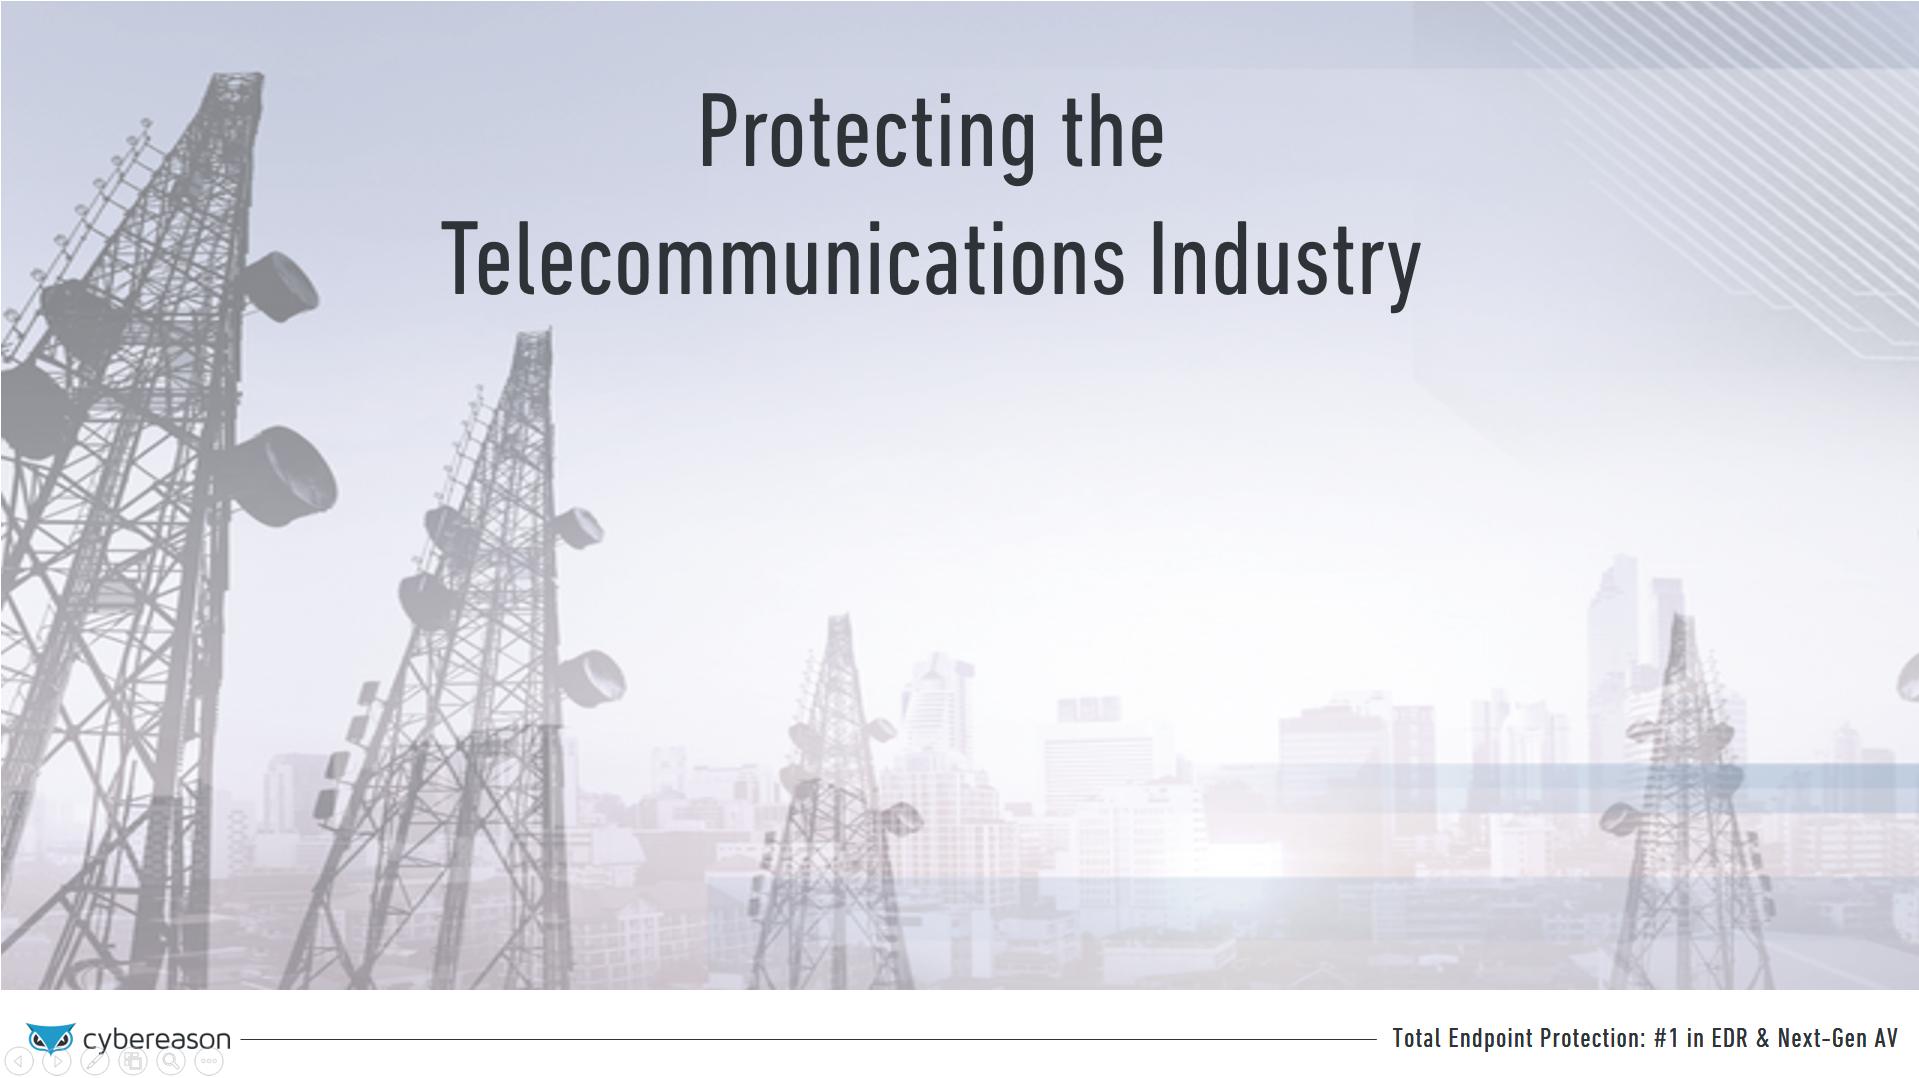 Case Study: Telecommunications